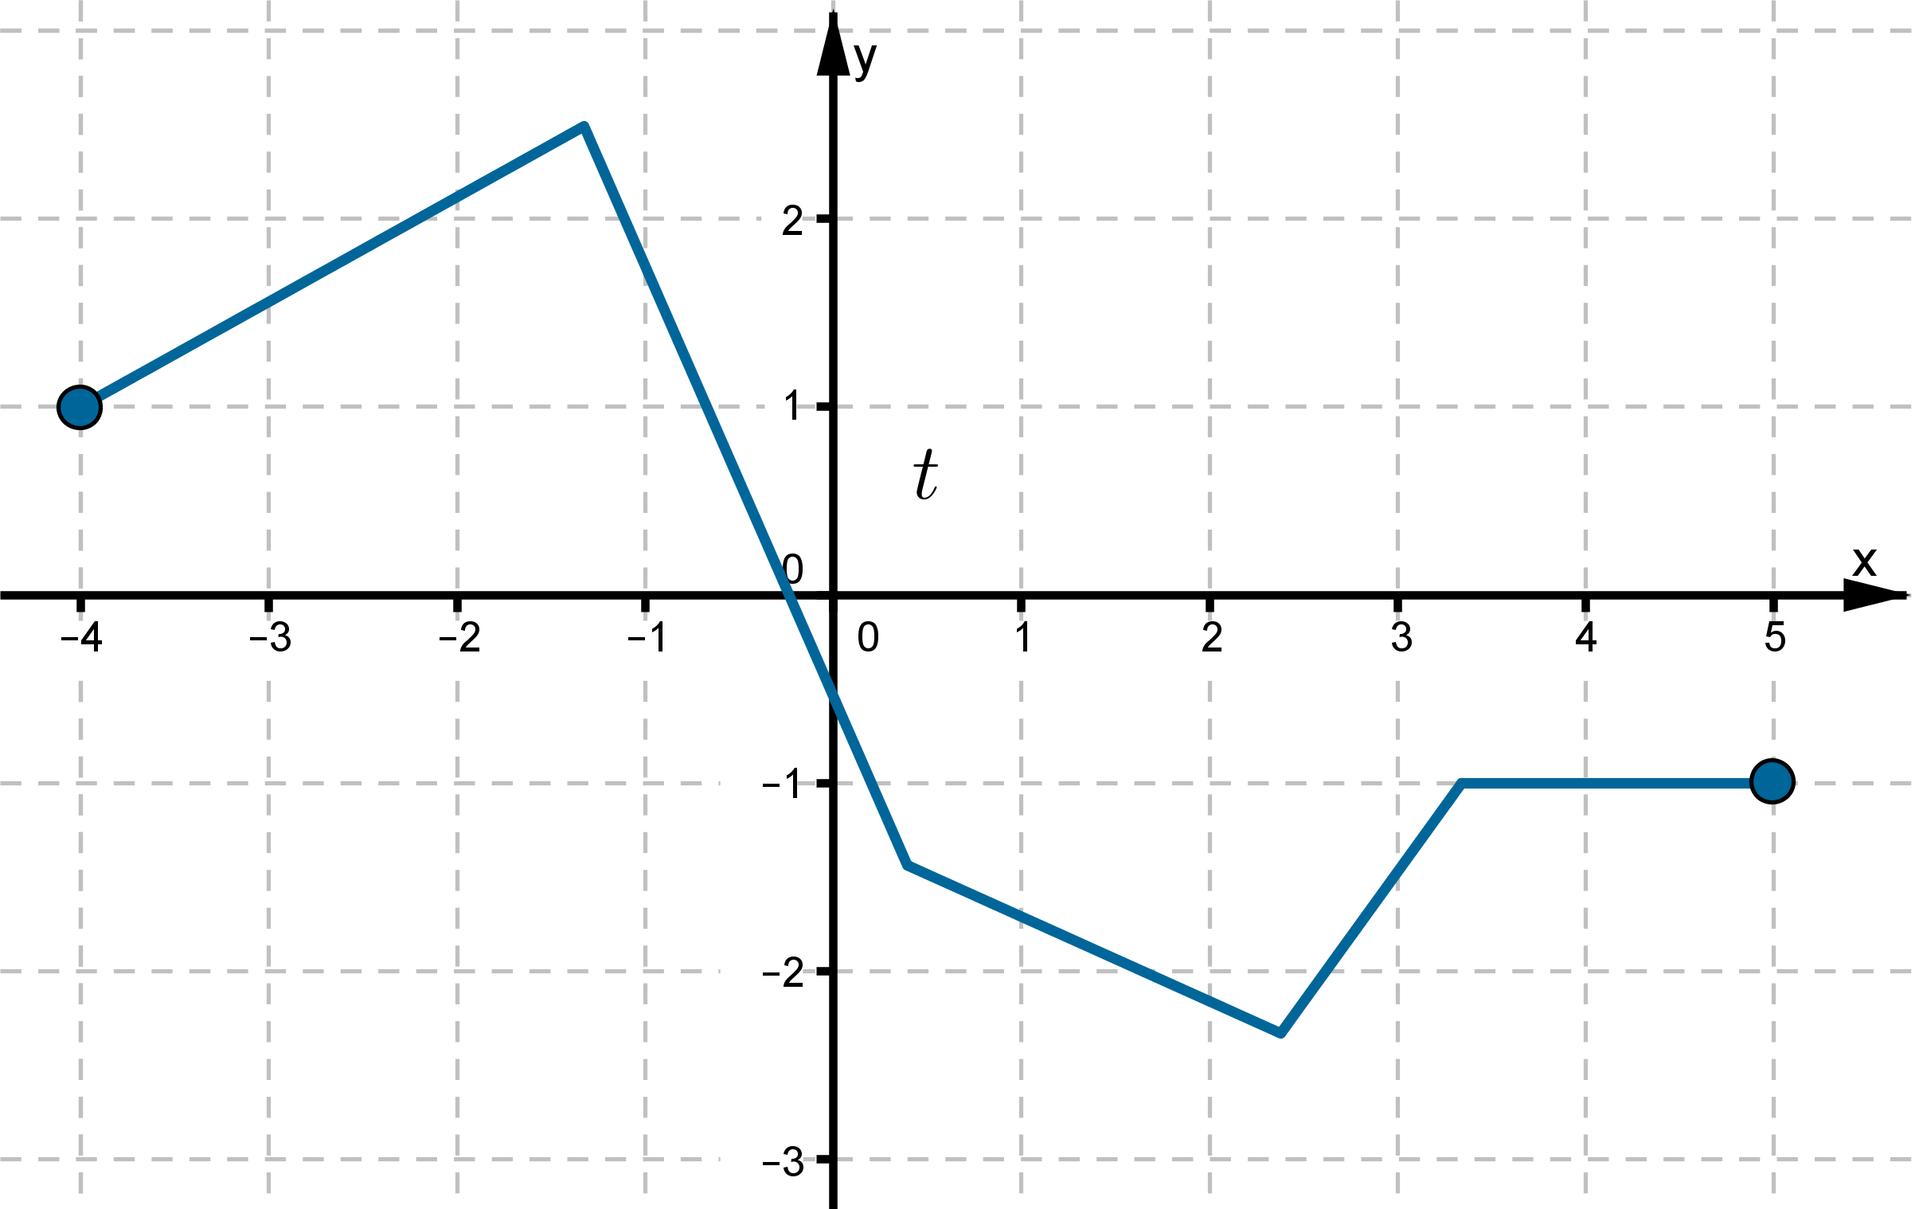 Wykres funkcji wpostaci łamanej złożonej zpięciu odcinków leżącej wdrugiej, trzeciej iczwartej ćwiartce układu współrzędnych.